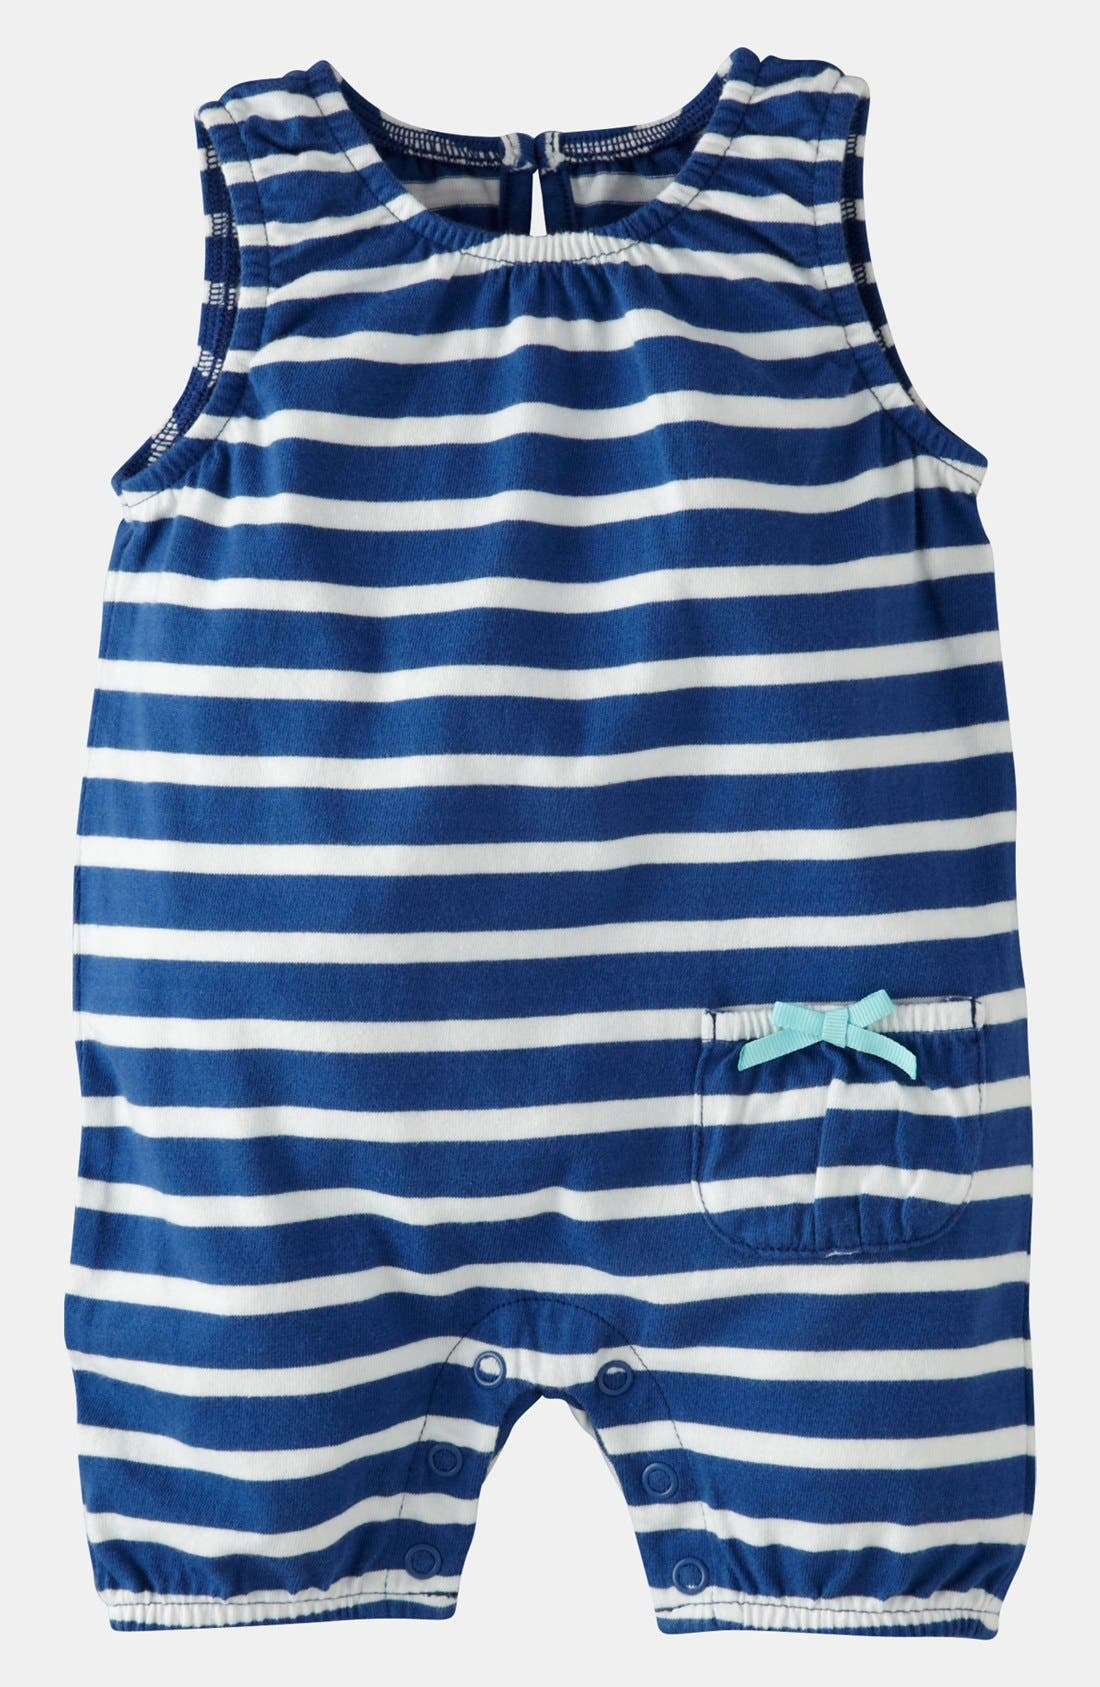 Main Image - Mini Boden 'Pretty' Jersey Coveralls (Baby)